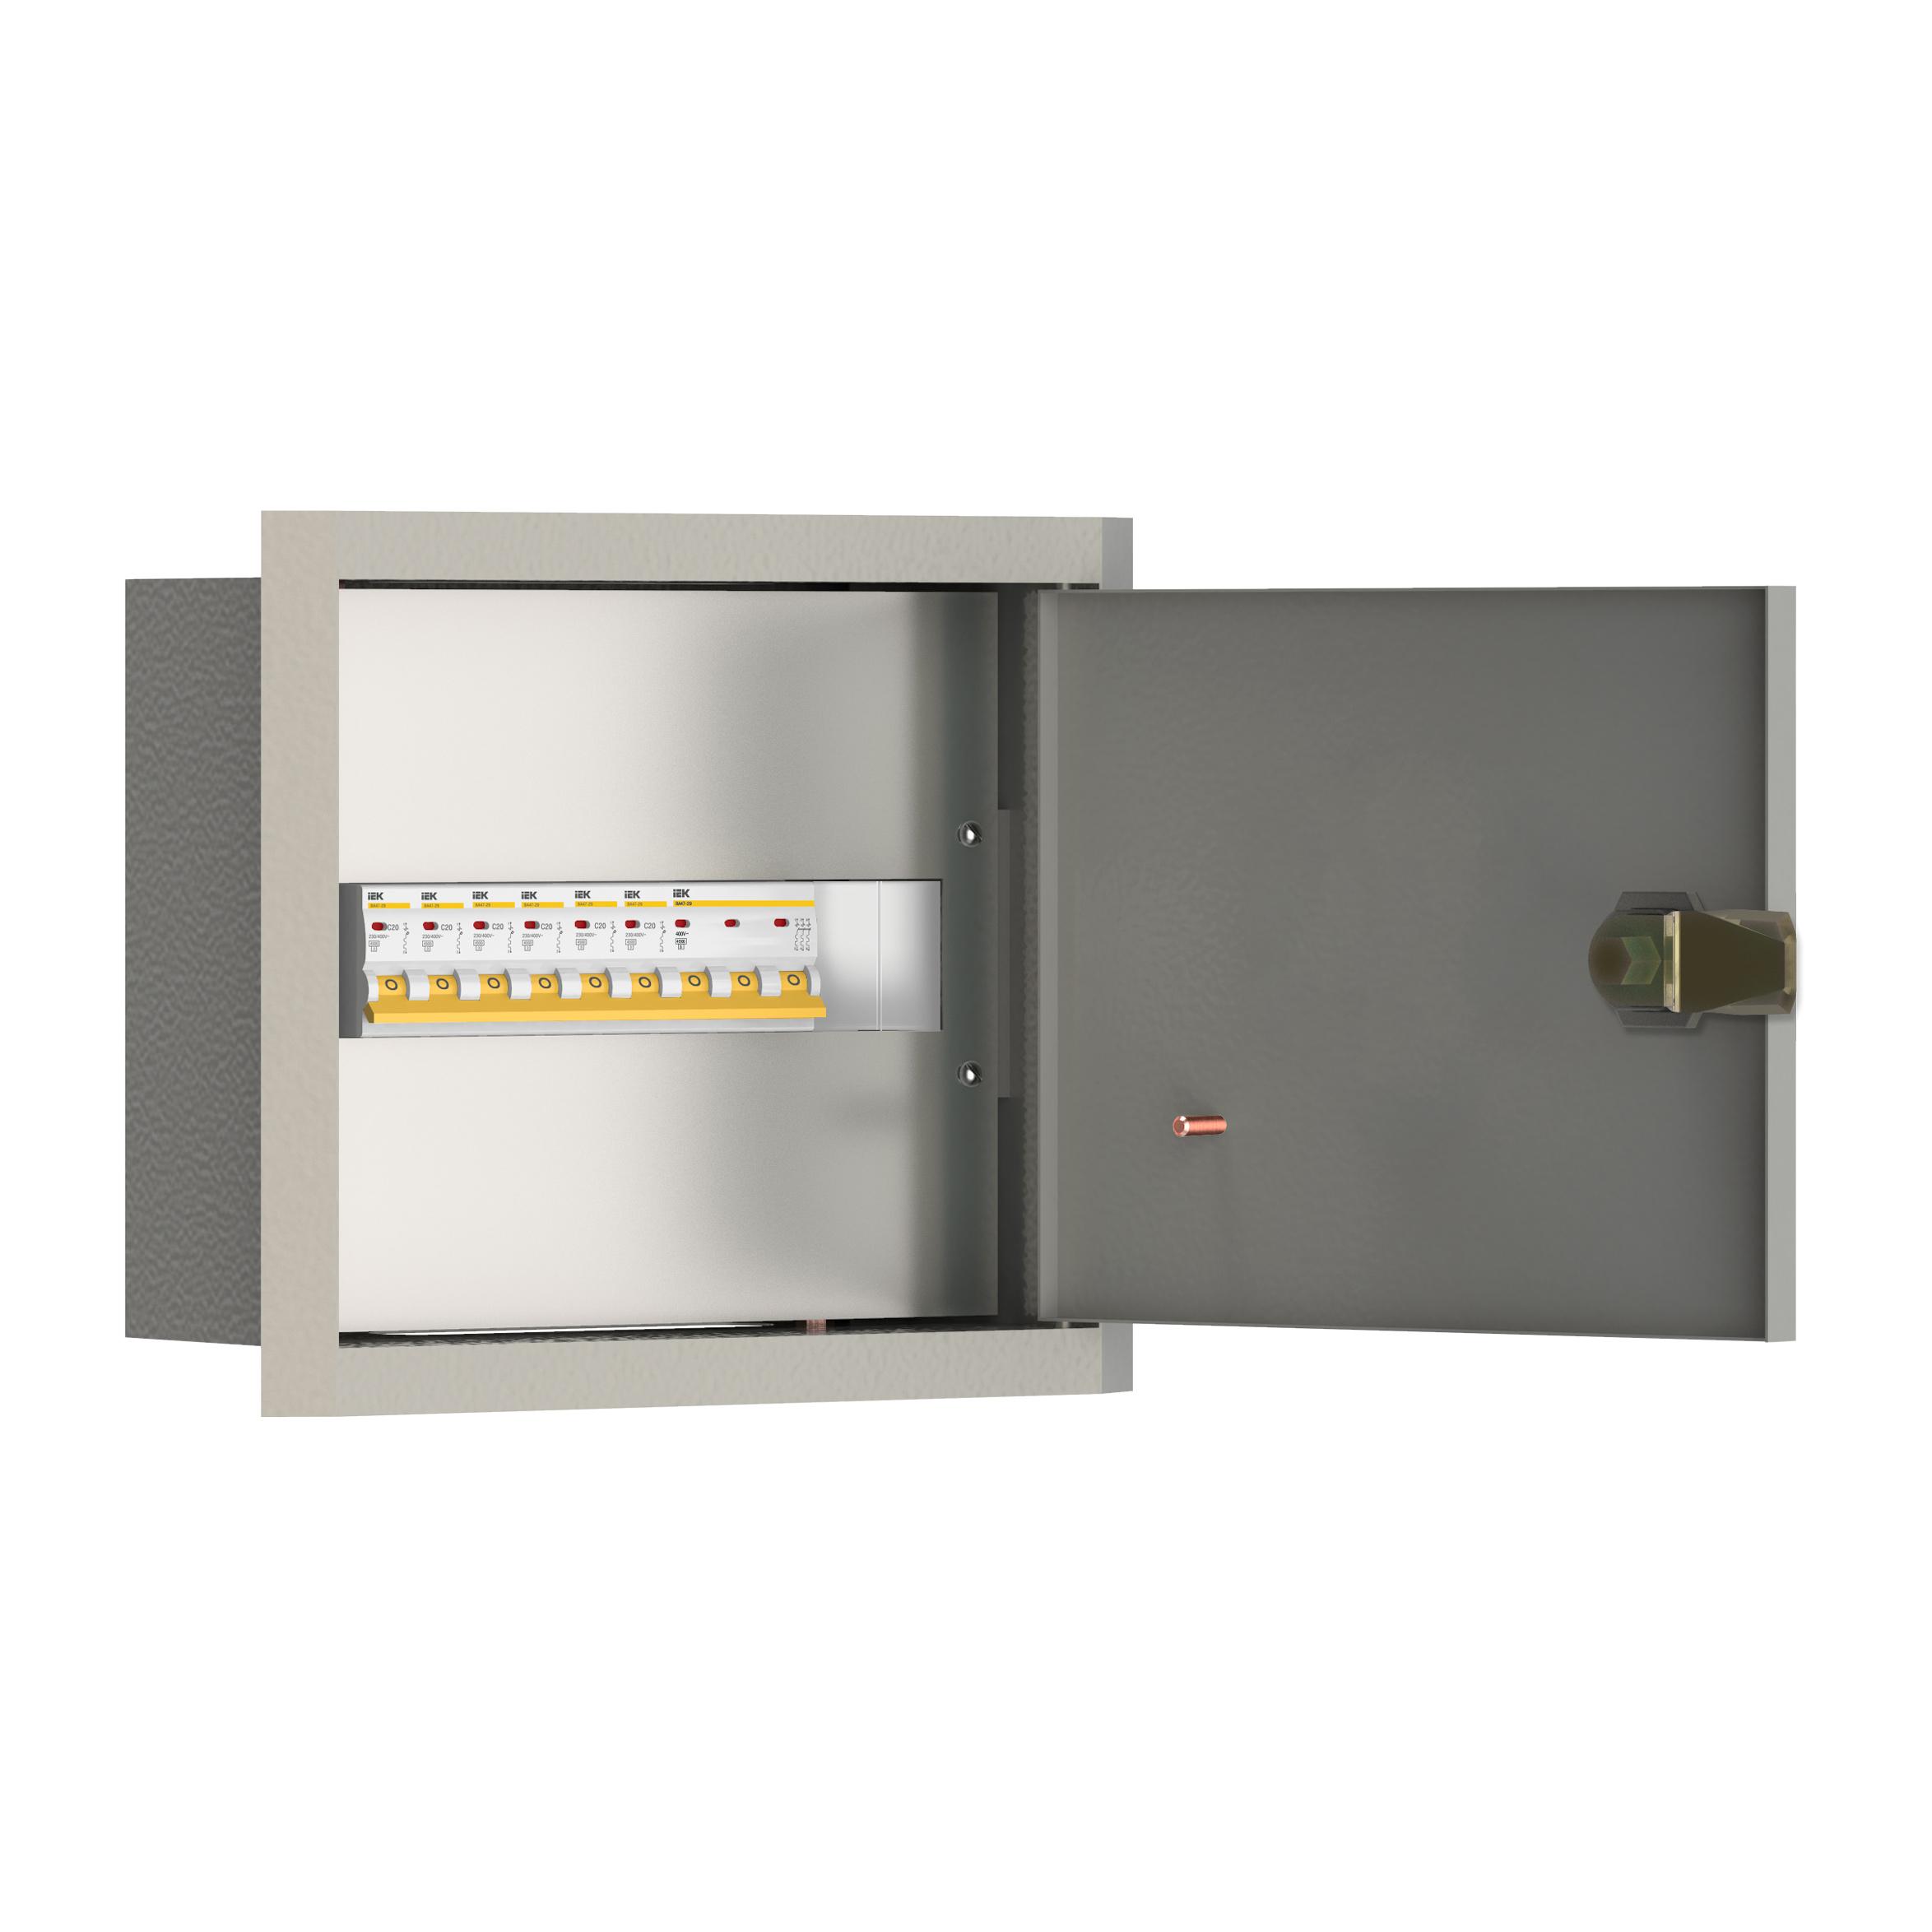 Щиток осветительный УОЩВ утопленный с автоматическими выключателями 3p 1х100А 1p 6х25А IEK